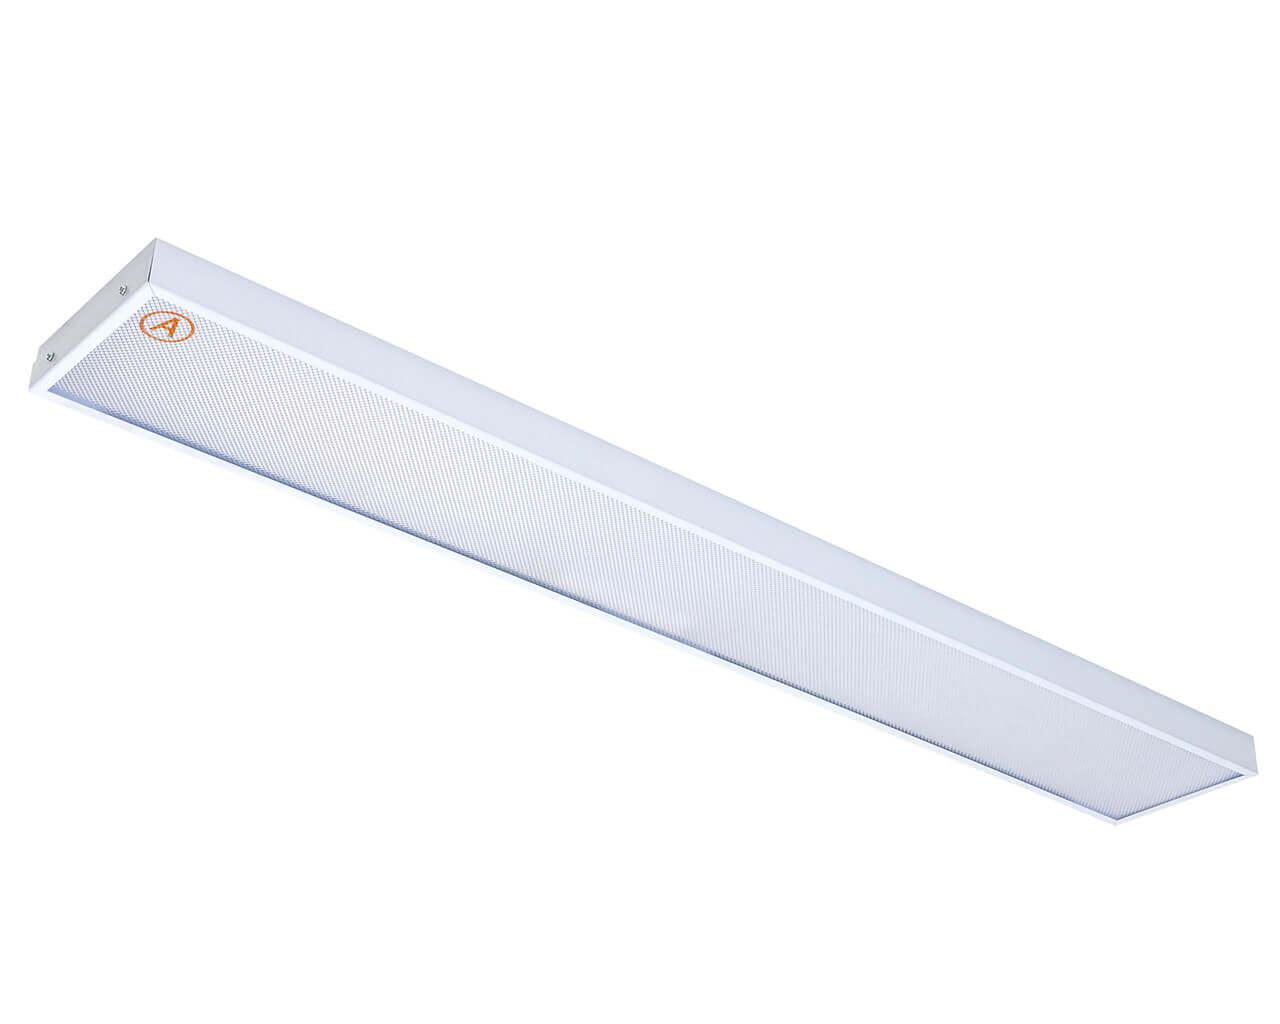 Накладной светильник LC-NS-80 ватт 1195x180 Теплый белый Призма с Бап-3 часа